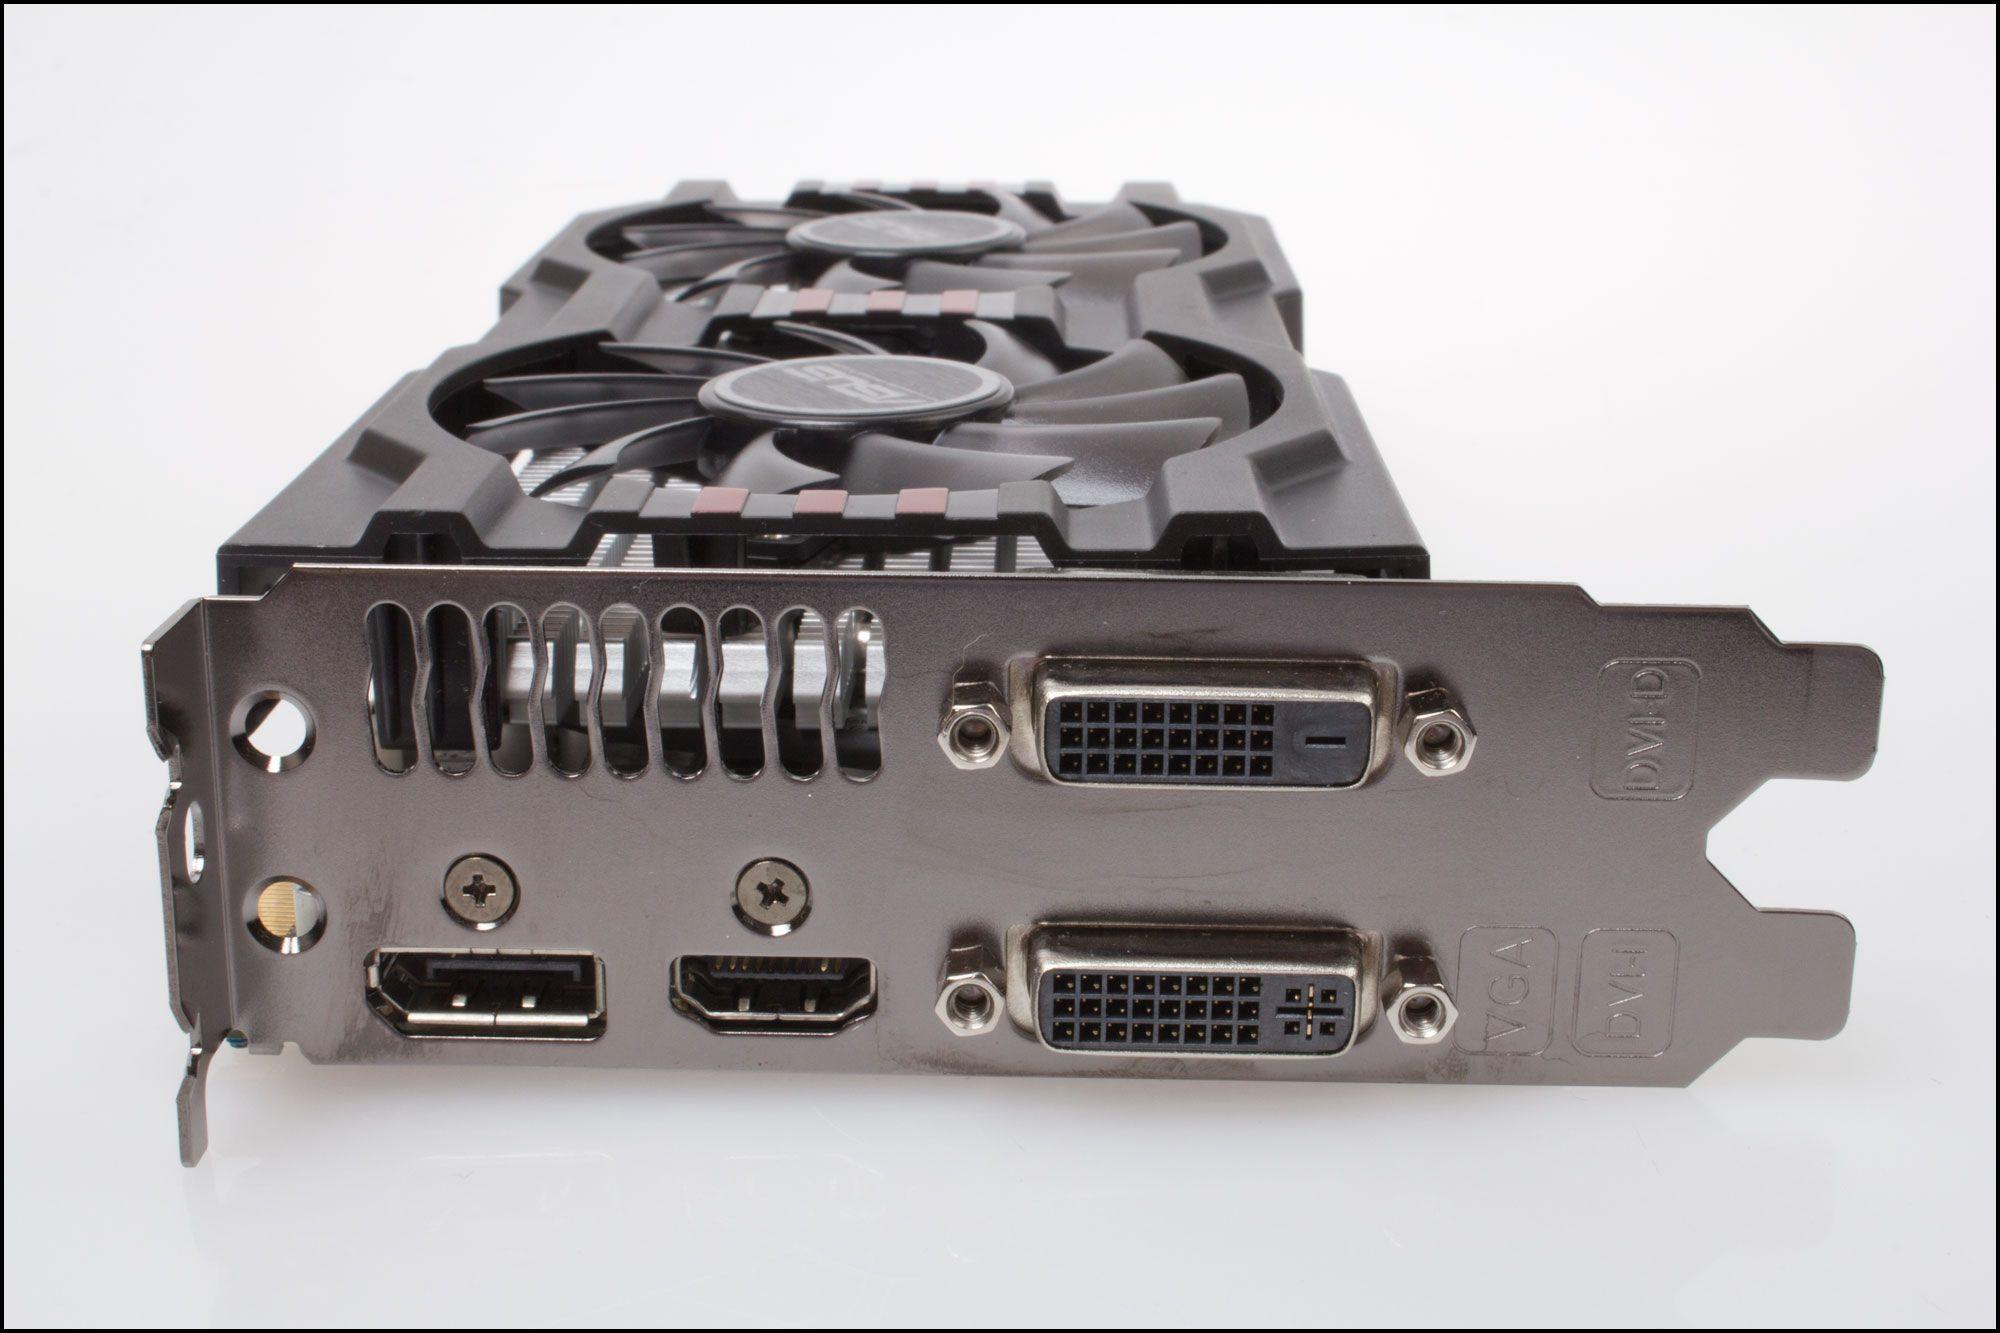 Dobbelt opp med både DVI og DisplayPort gir mange tilslutningsmuligheter på hvert kort.Foto: Varg Aamo, Hardware.no